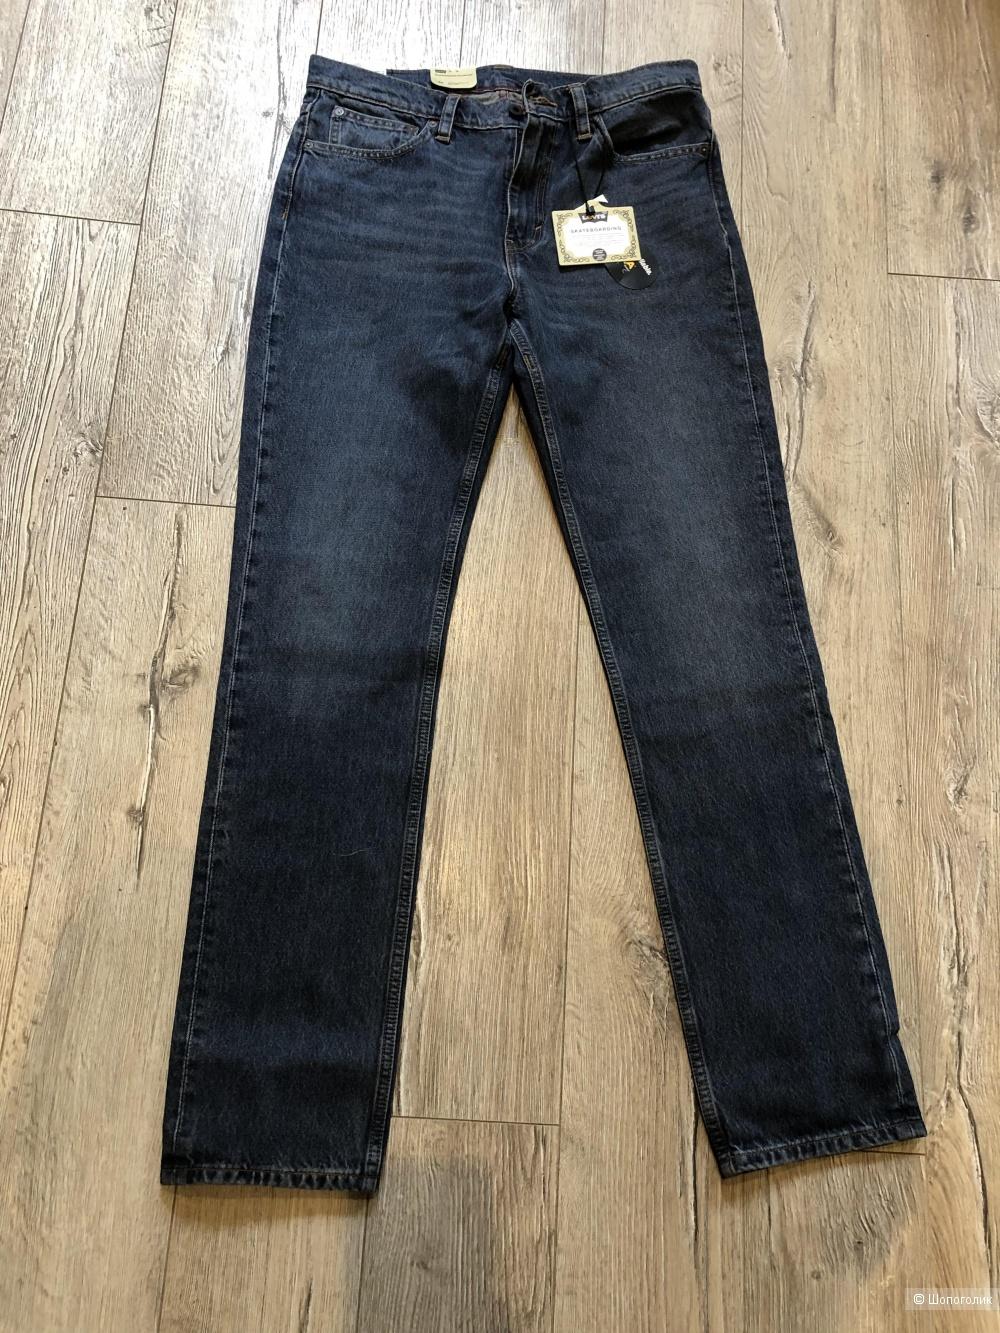 Мужские джинсы Levi's 511 skateboarding 33x34